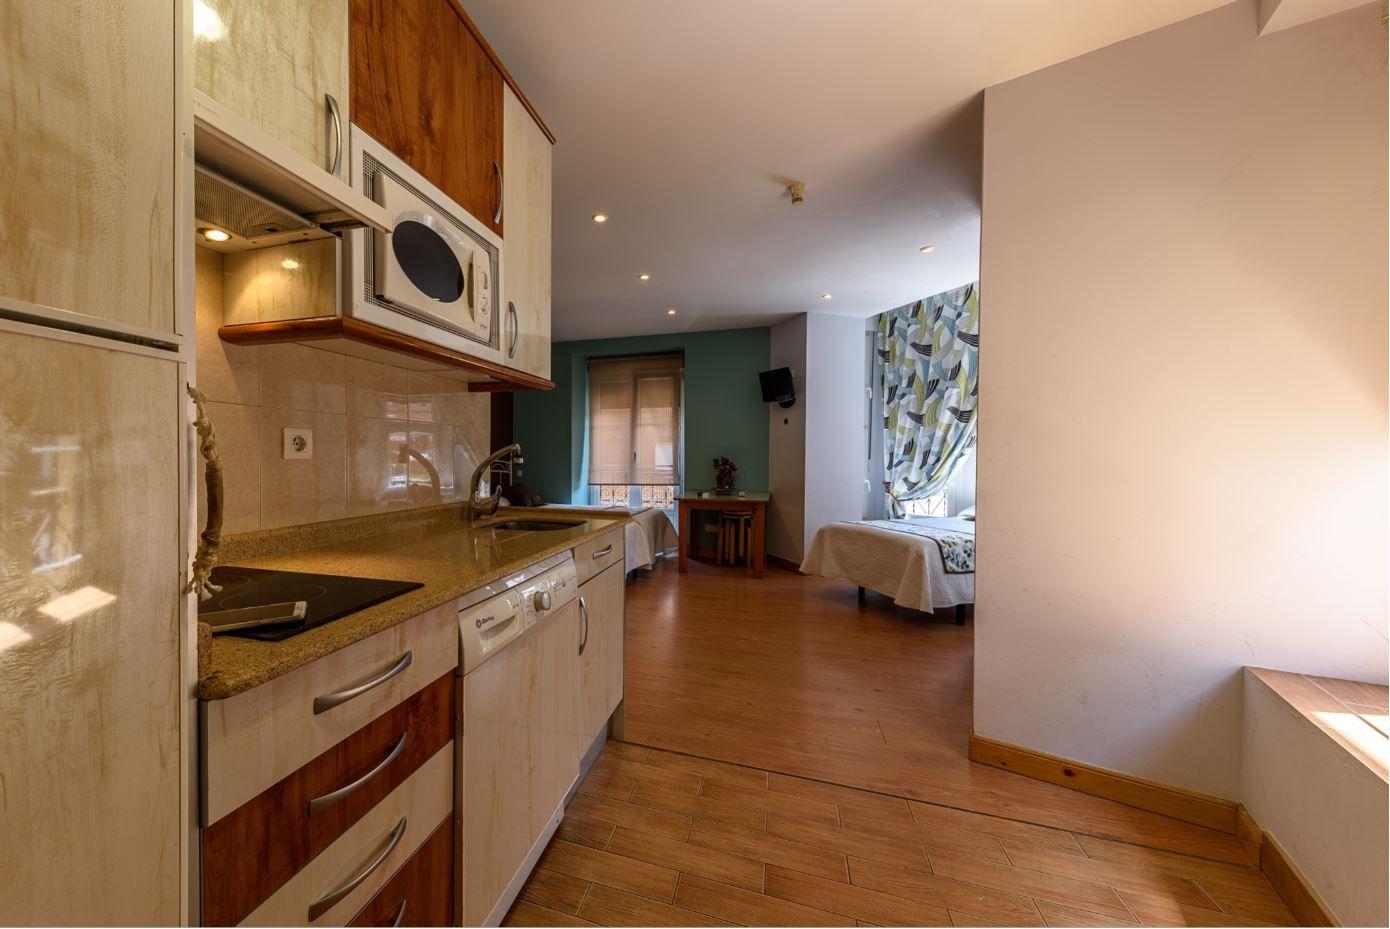 Habitación Cuadruple en hotel Castro Urdiales con cocina